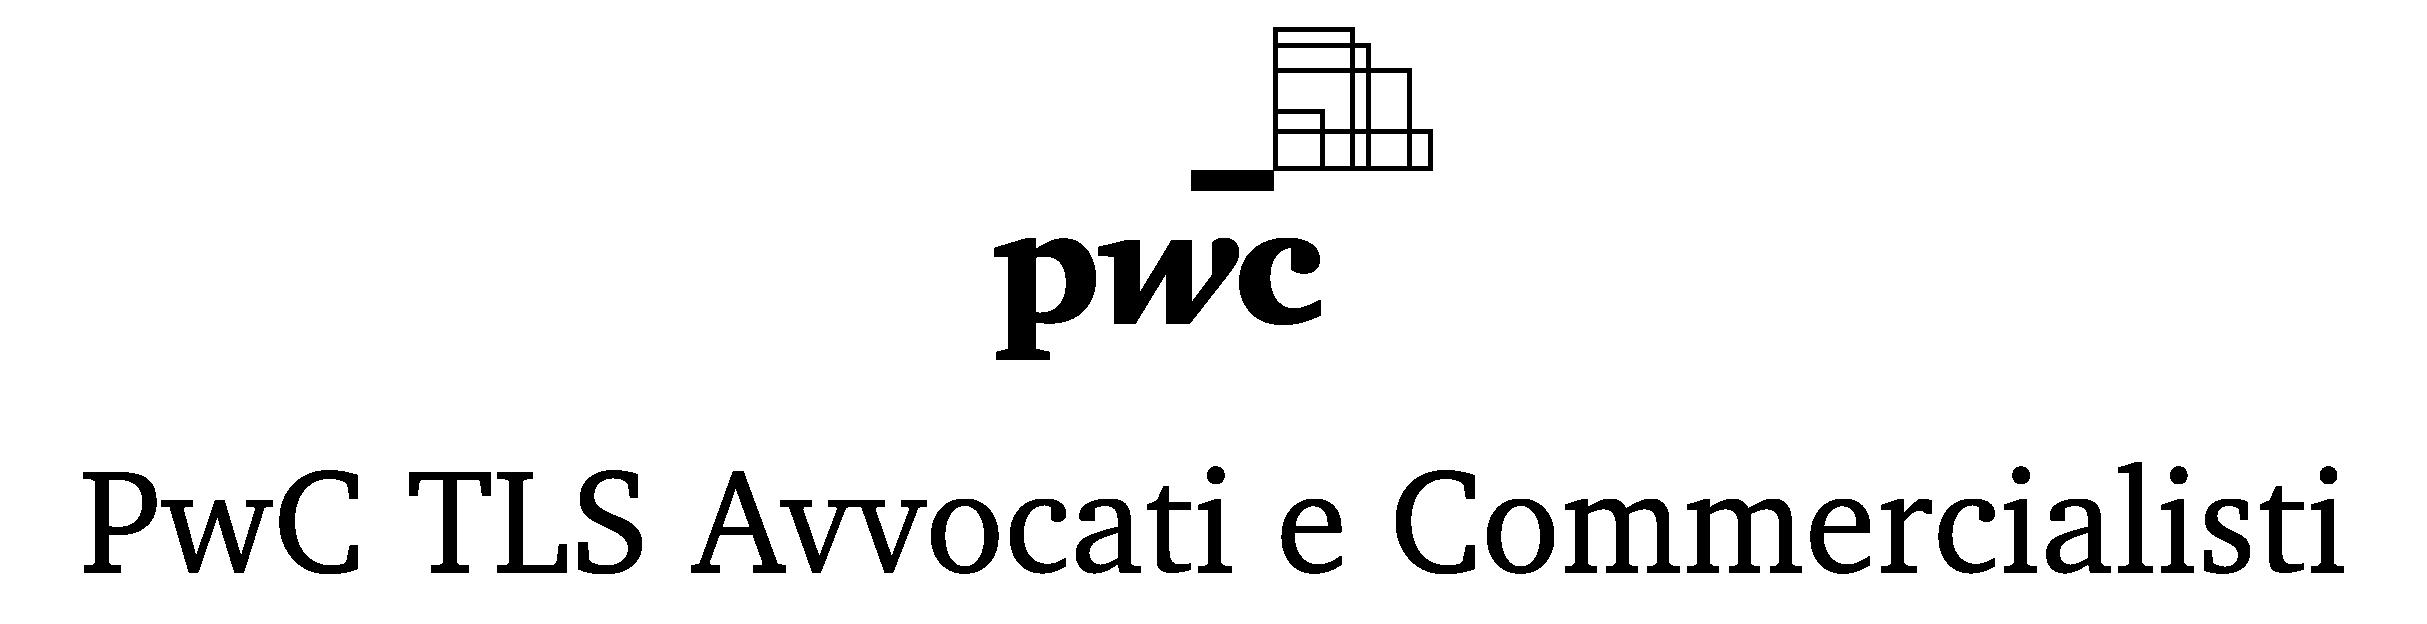 PwC_fl_ko_con-scritta_PwC_bk_scritta-distanziata